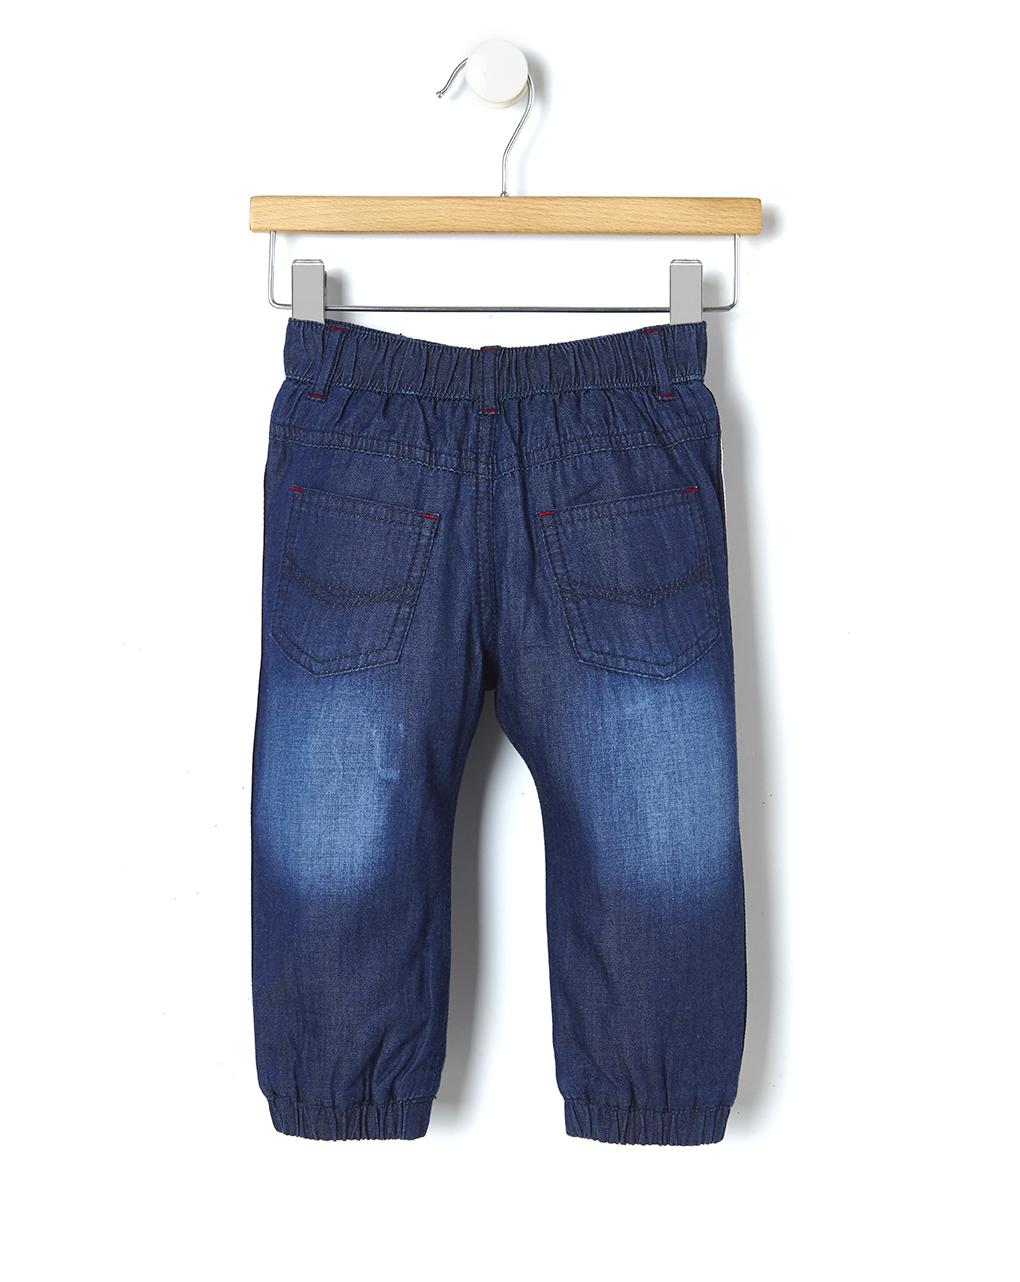 Pantalone denim foderato con bande laterali - Prénatal